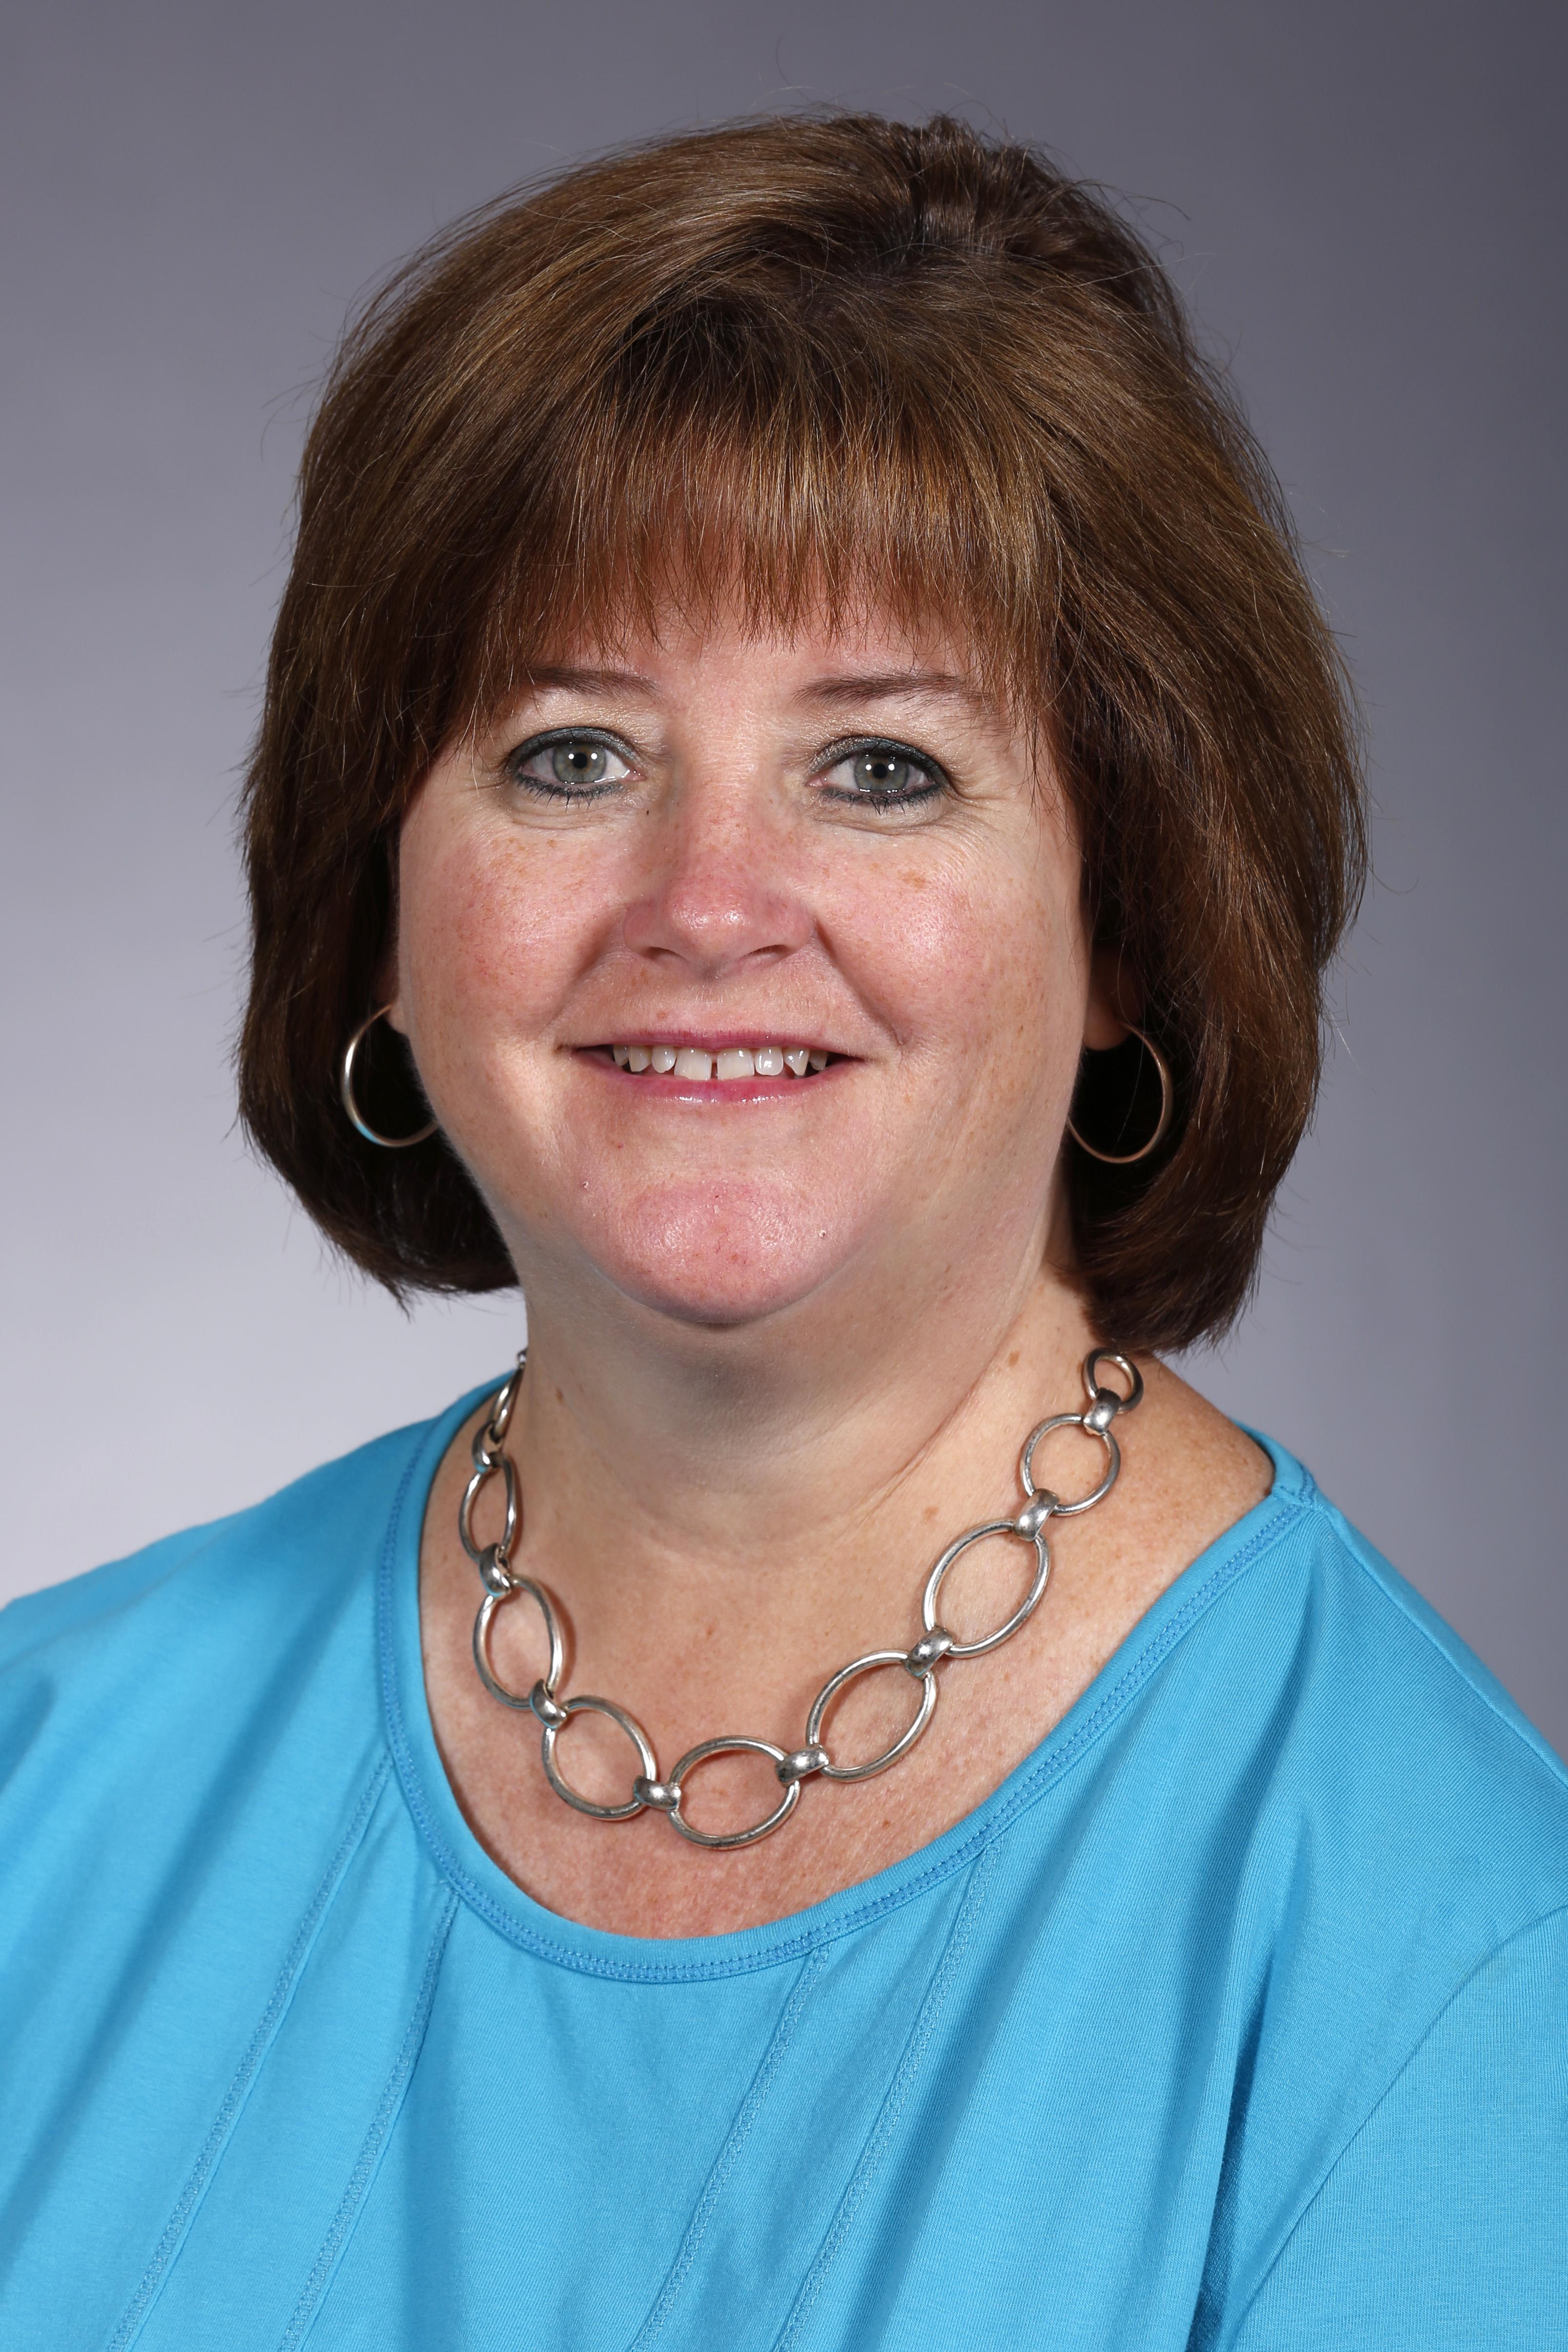 Barb Dunn Swanson